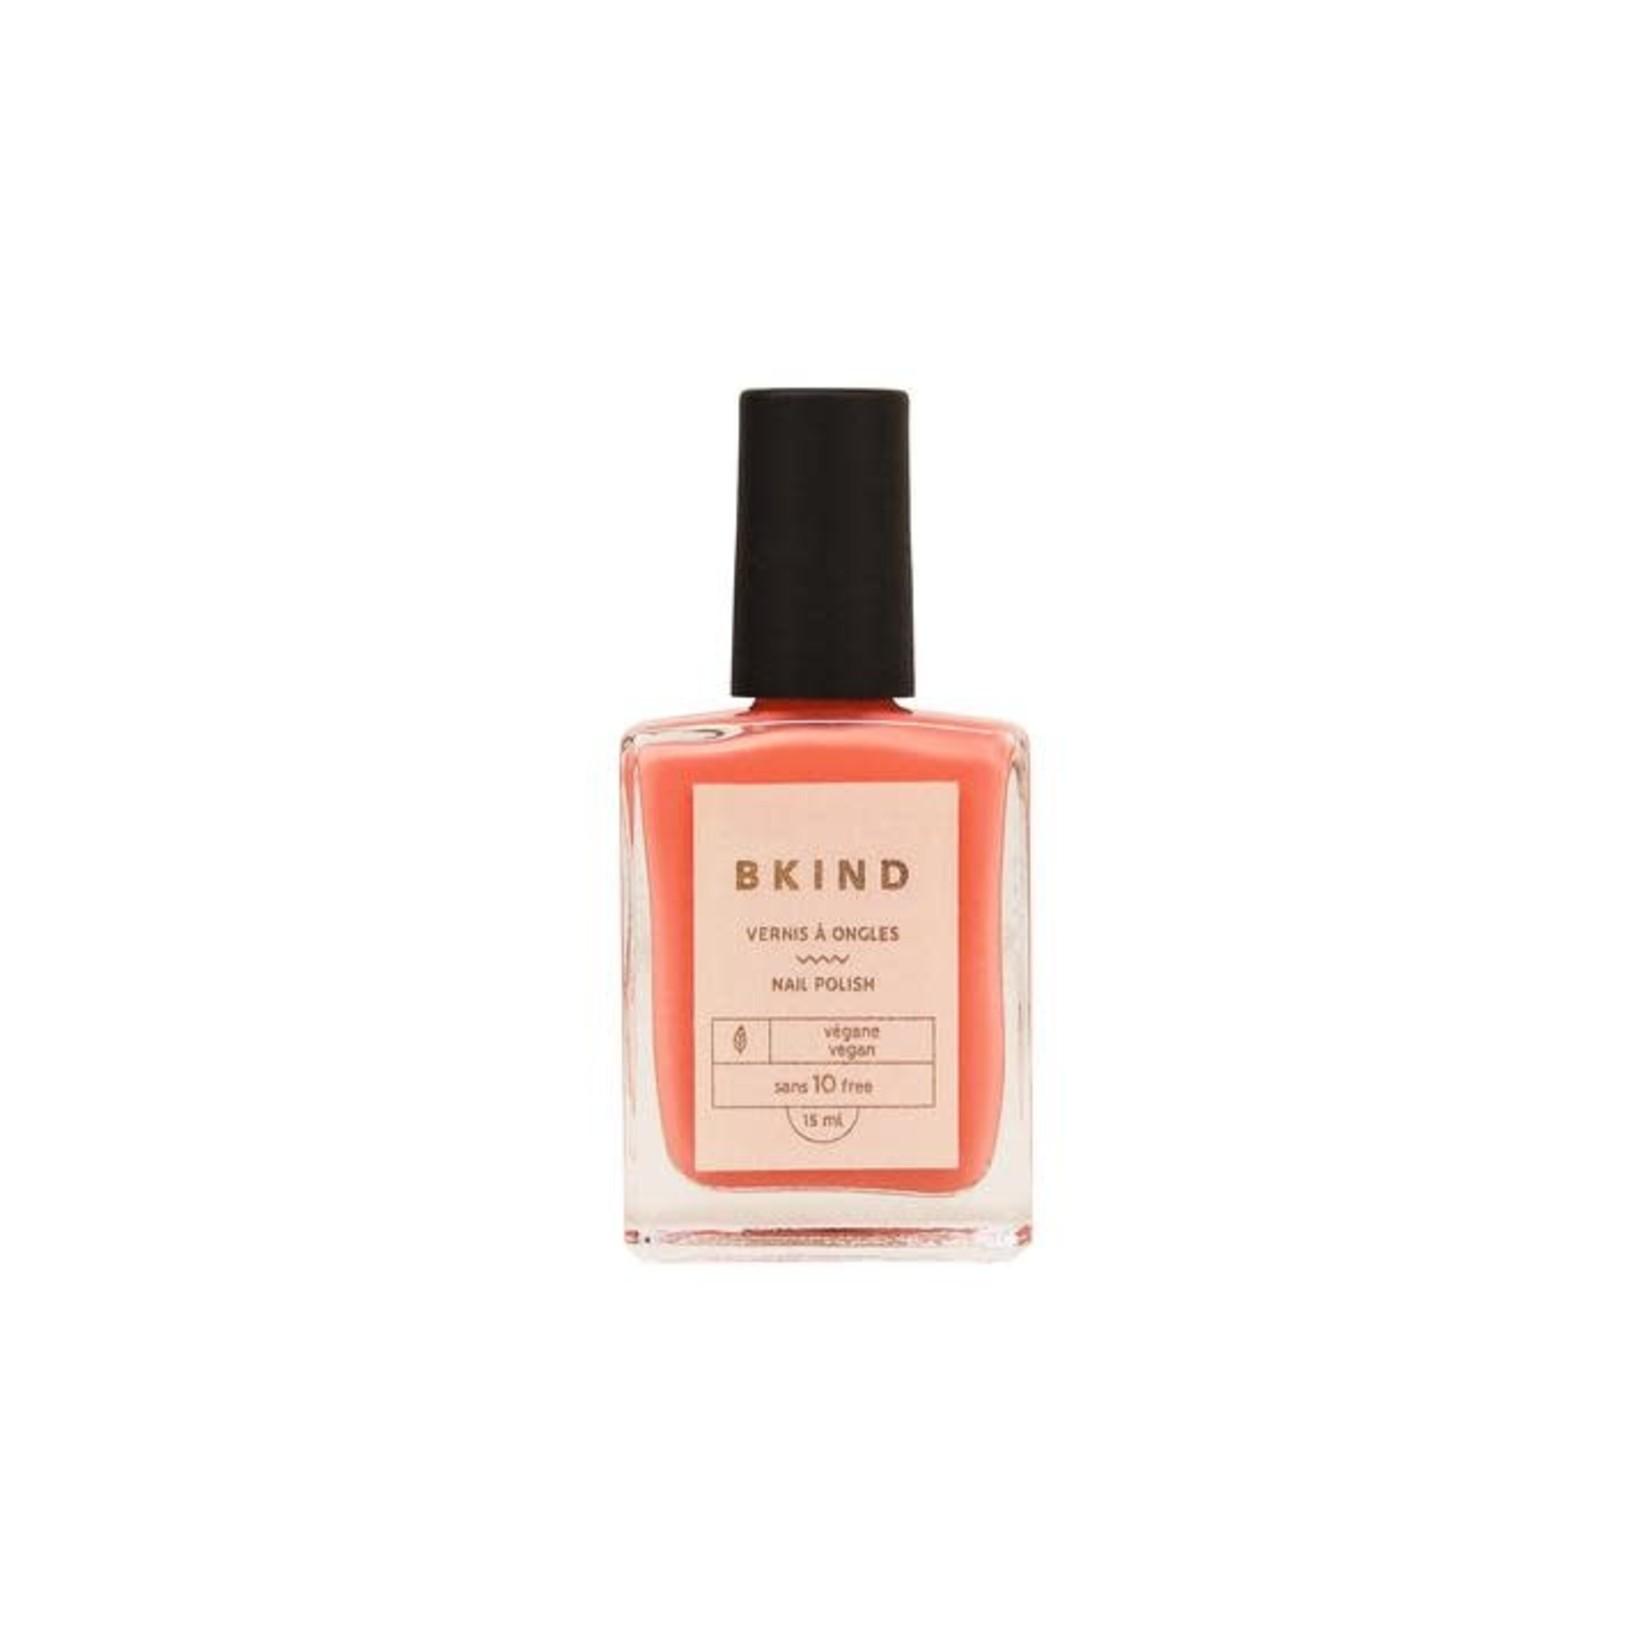 BKIND BKIND - Vernis à ongles / Bellini